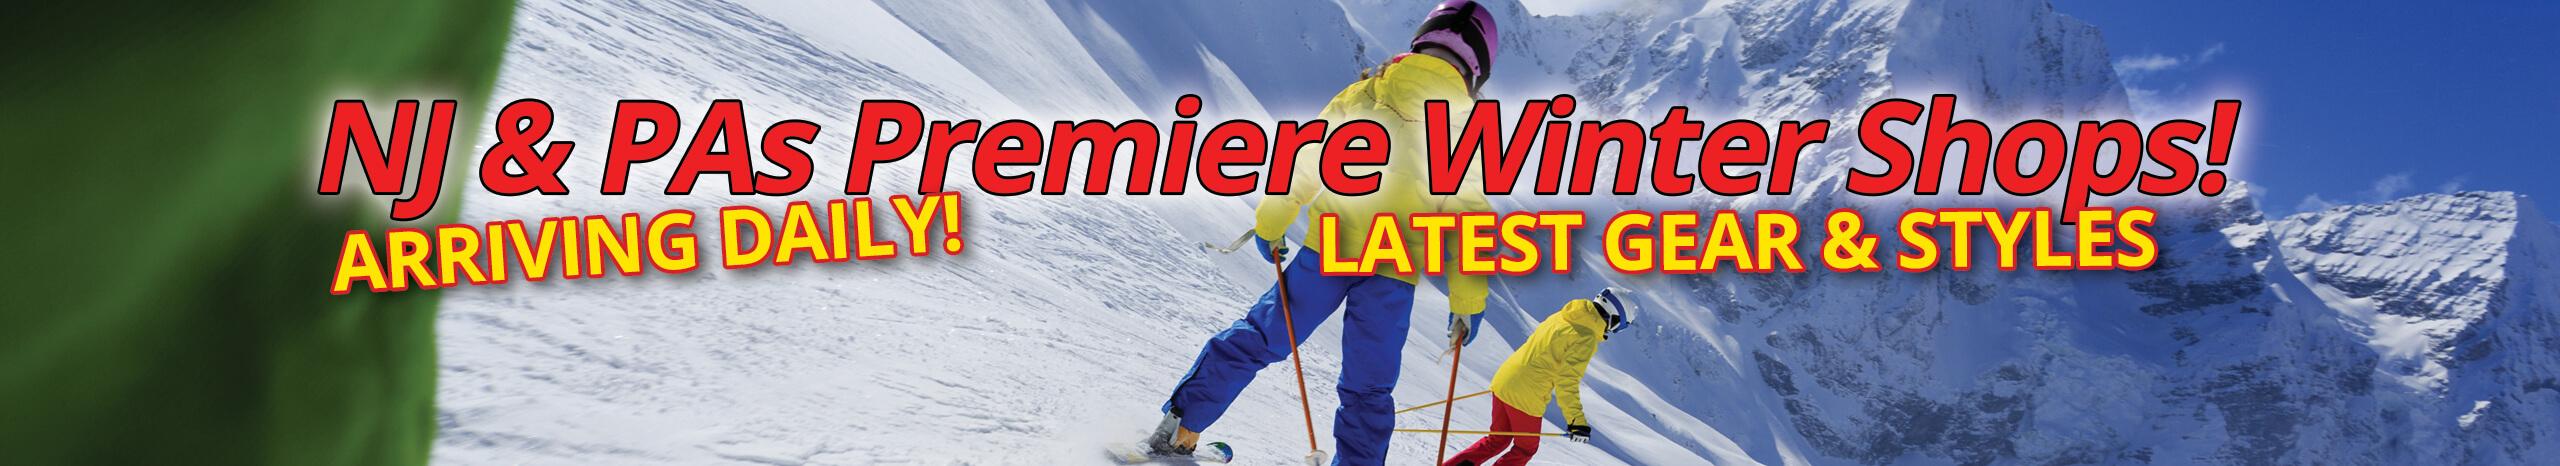 New Men's & Women's Skis & Winter Gear